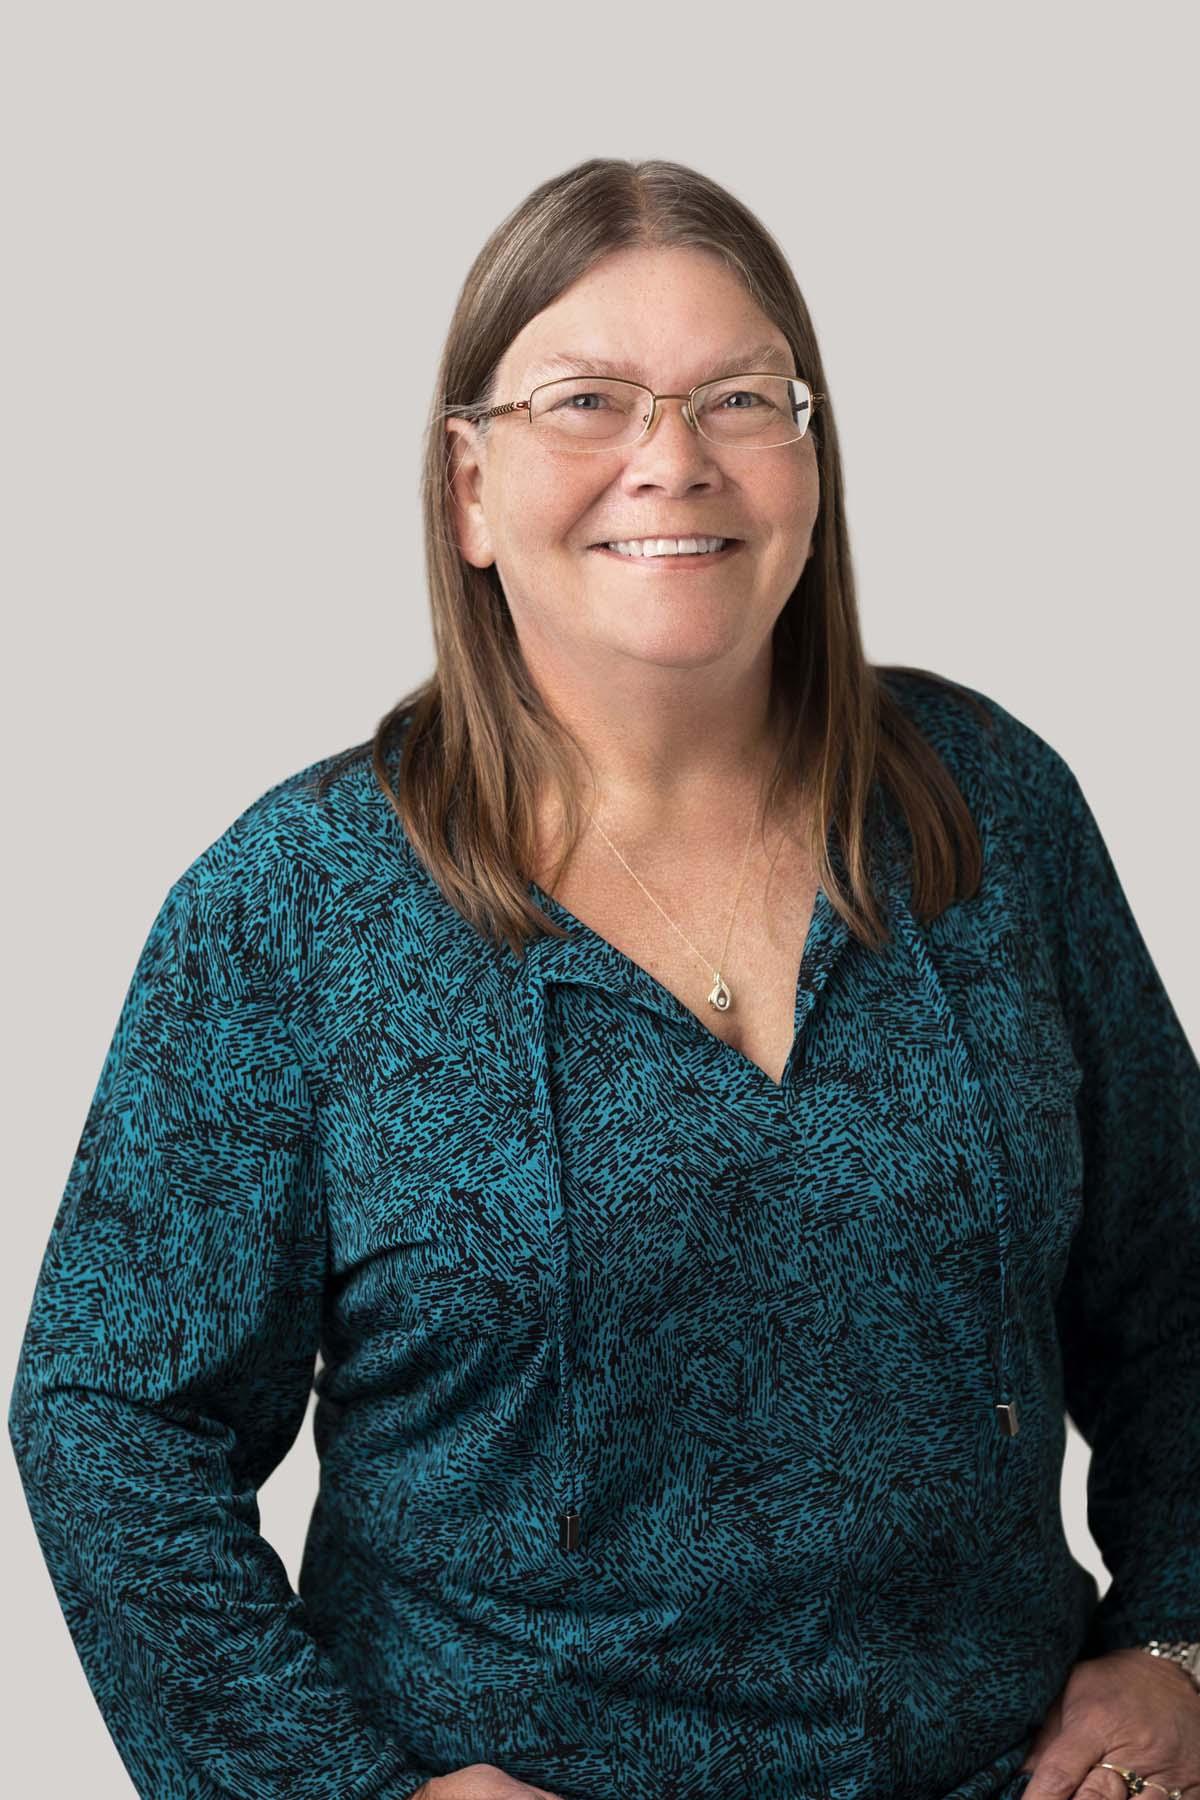 Theresa Burns